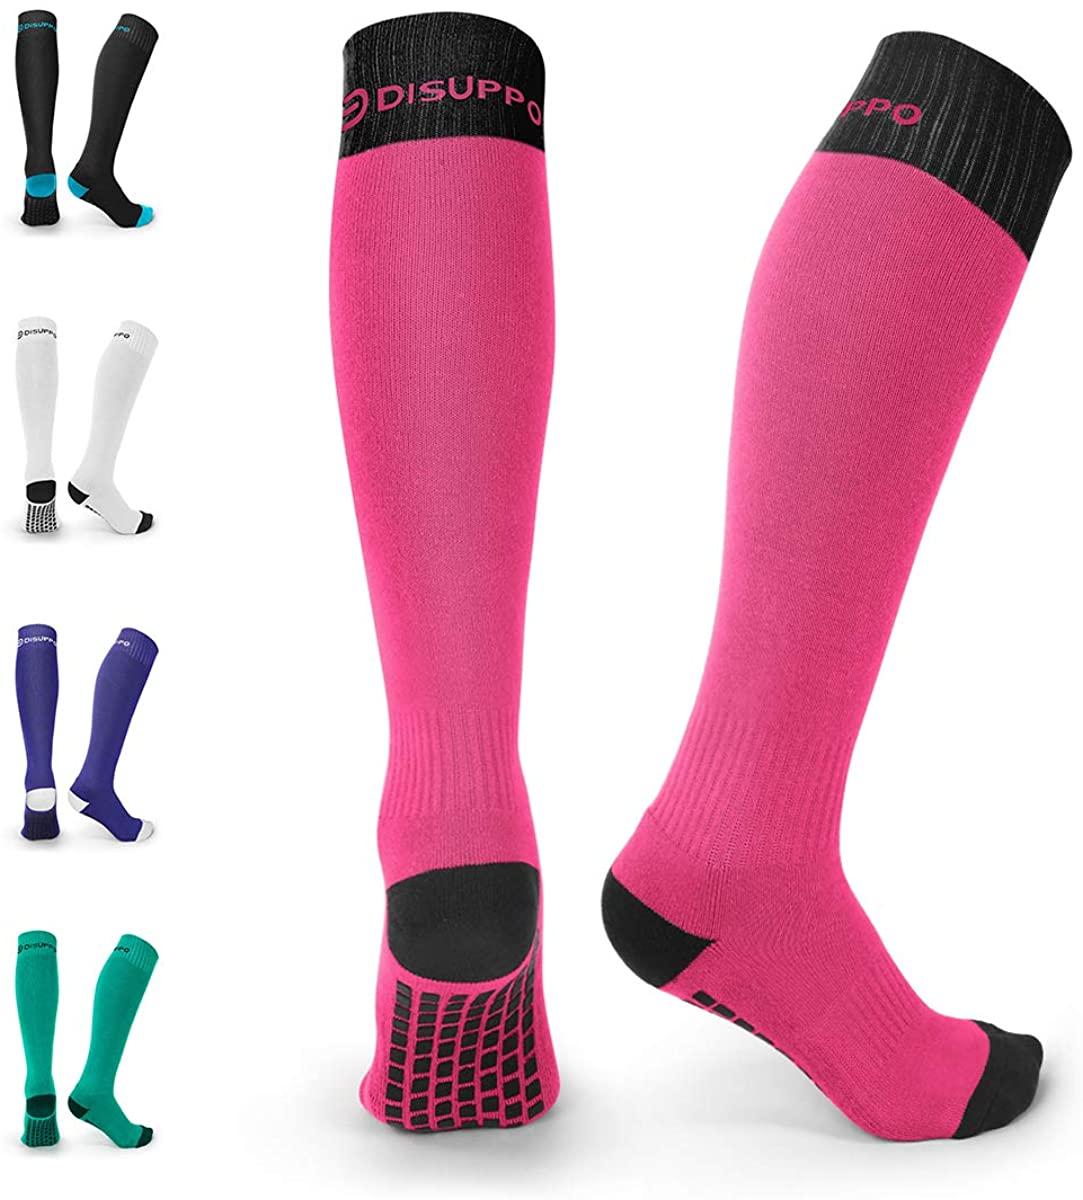 DISUPPO Soccer Socks, Non-slip Long Sport Socks for Men Women, Sports Team Cushioned Socks for Running, Football, Basketball